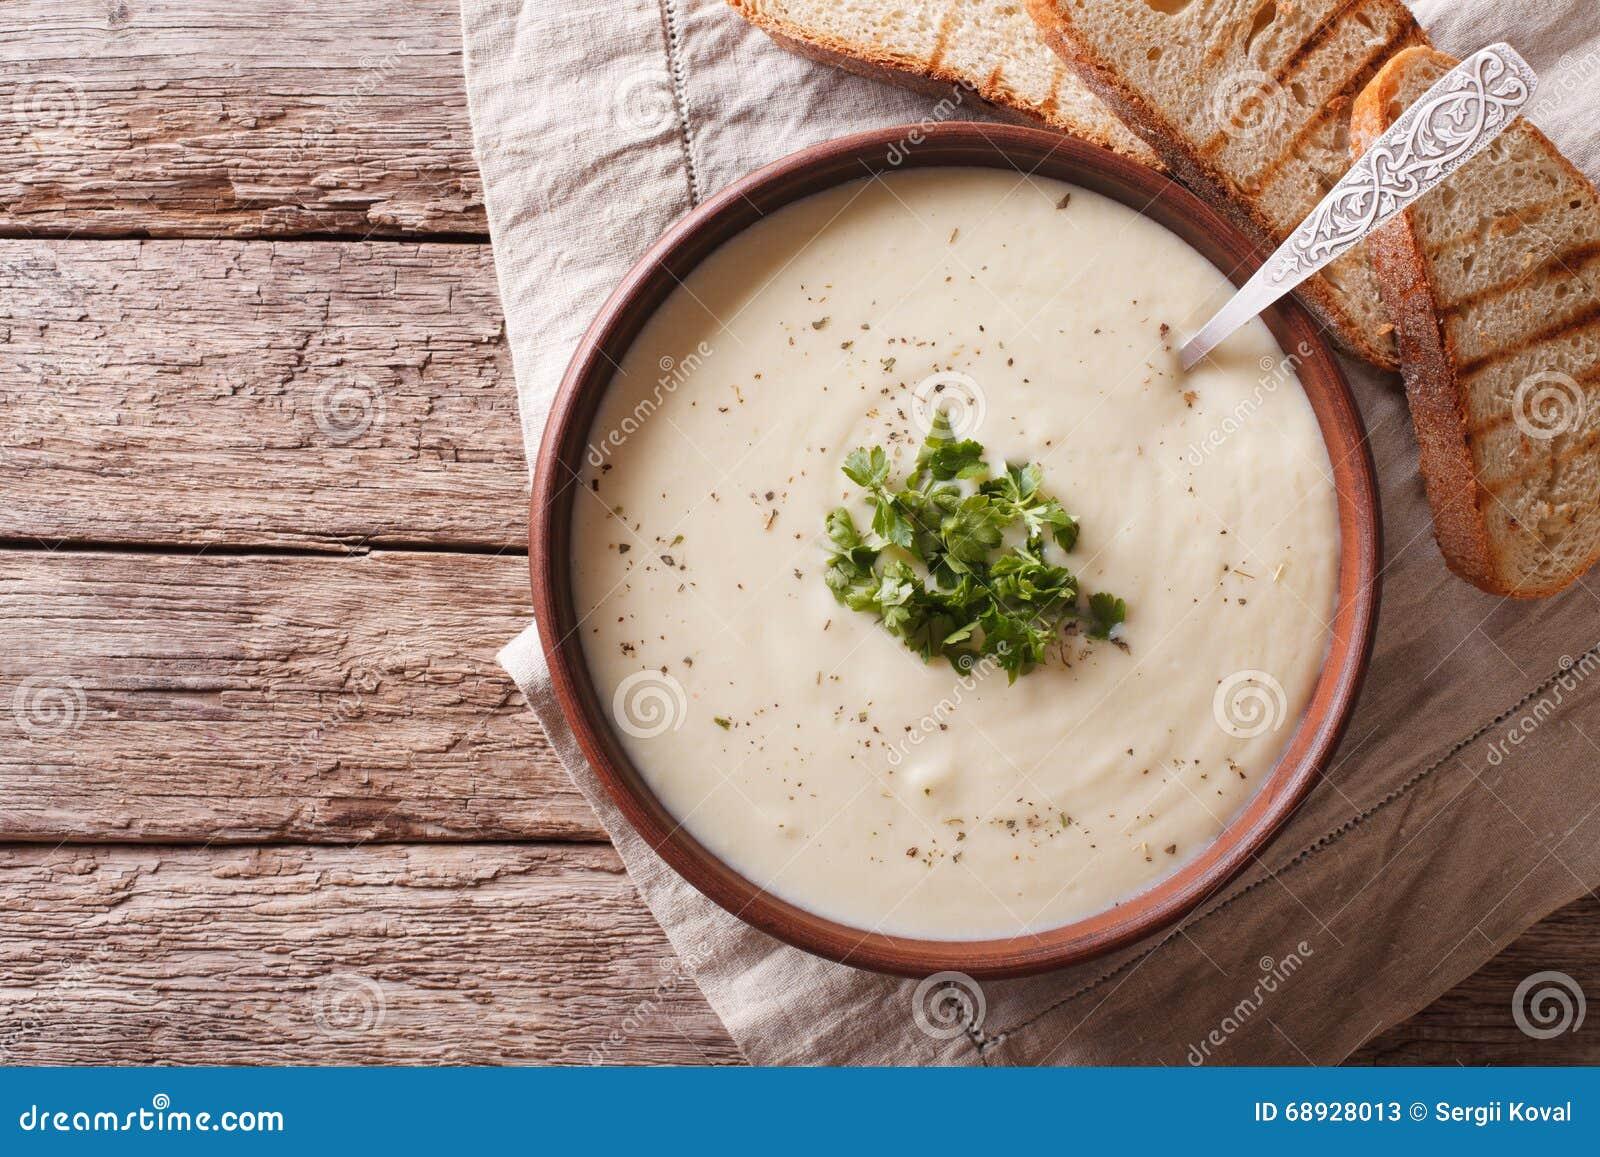 Weiße Suppe DU Barry French auf dem Tisch horizontale Draufsicht